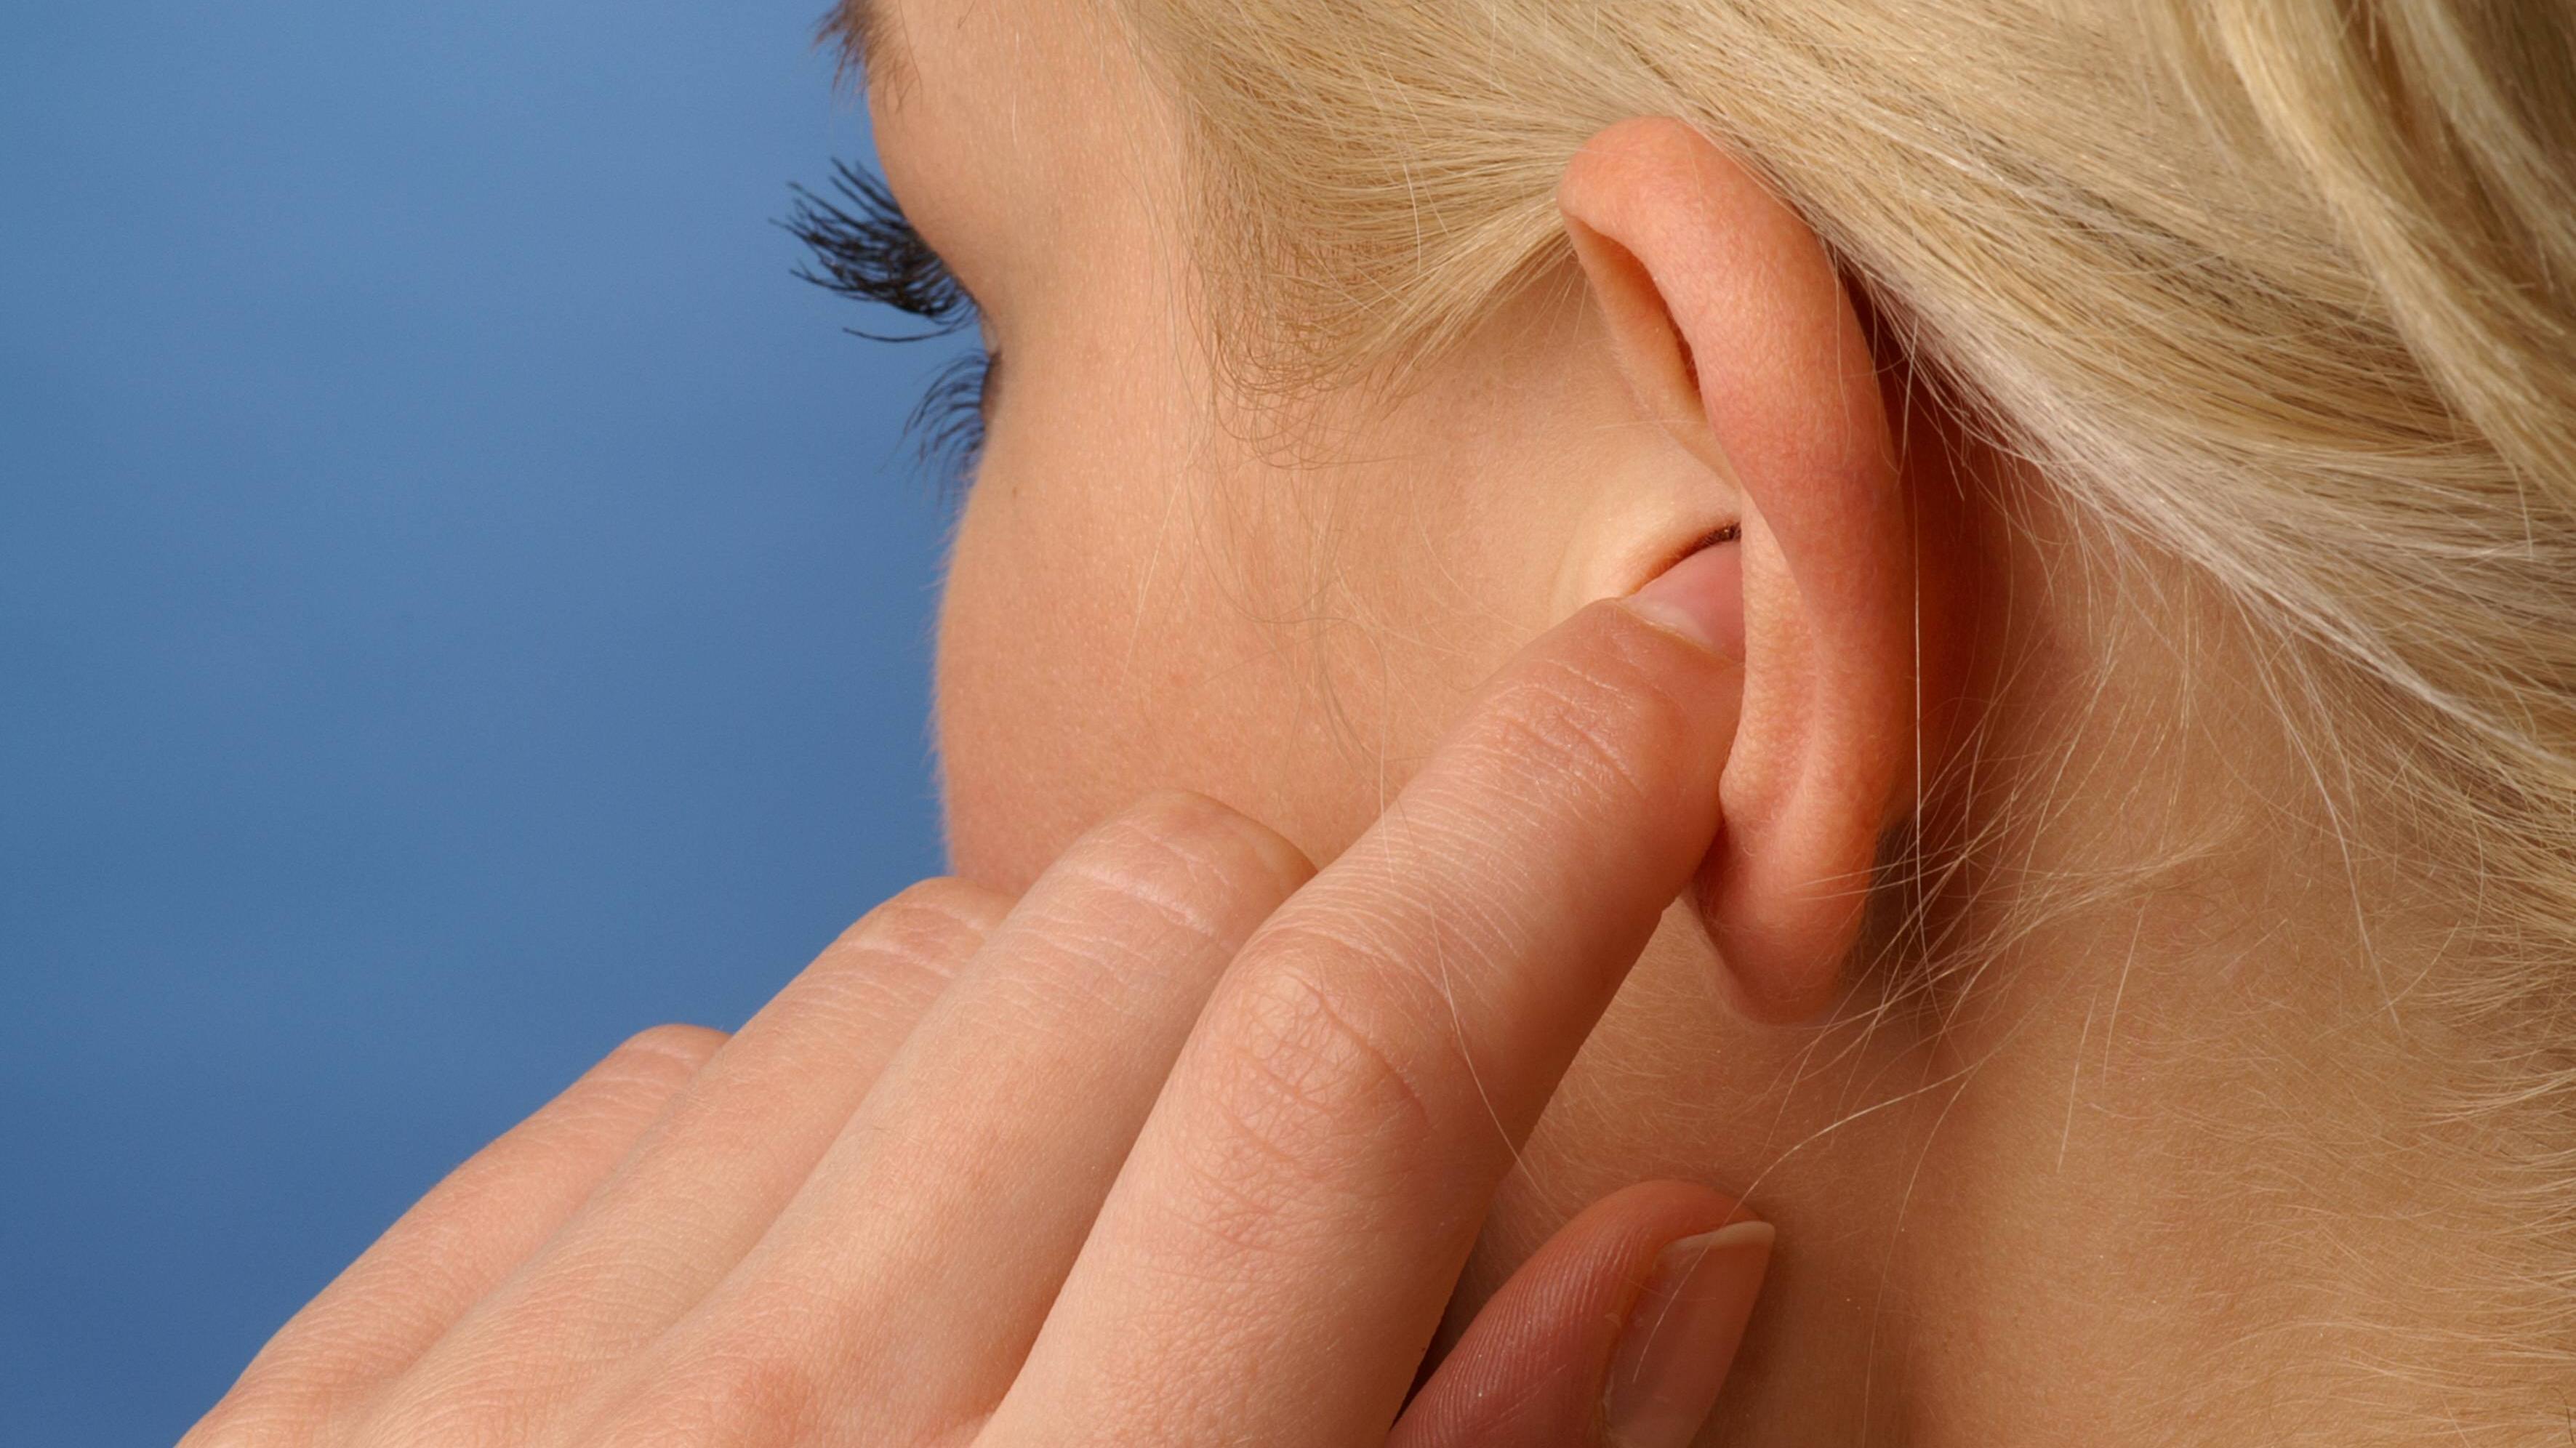 Hörsturz als Anzeichen für einen Schlaganfall: Das sagt die Wissenschaft